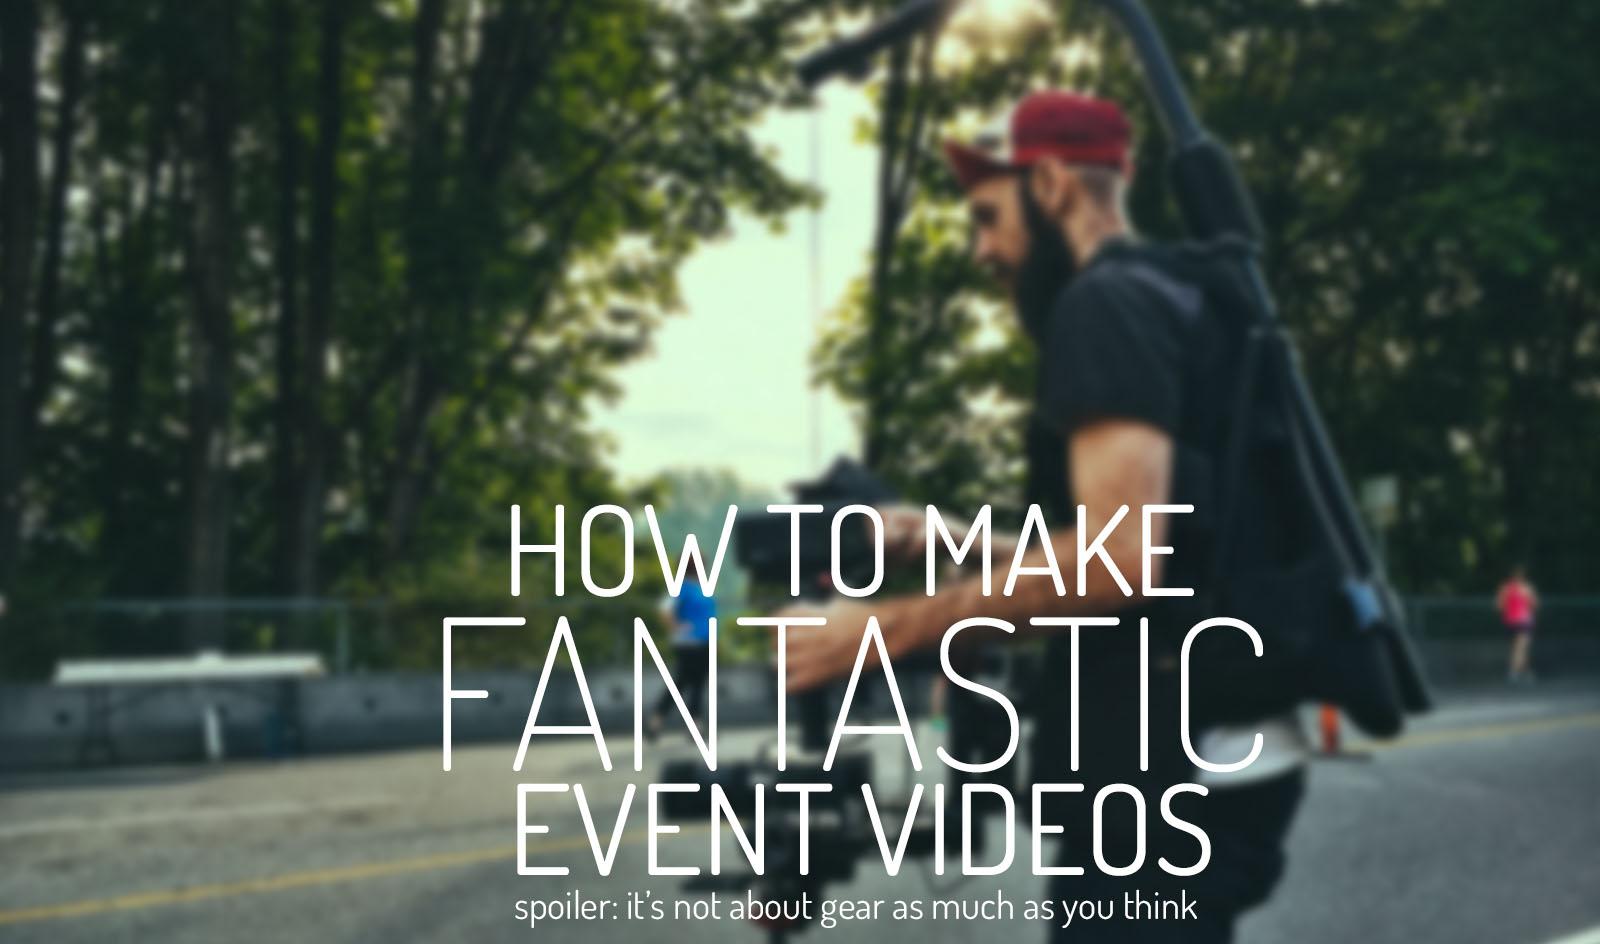 MakingAwesomeEventVideos_title